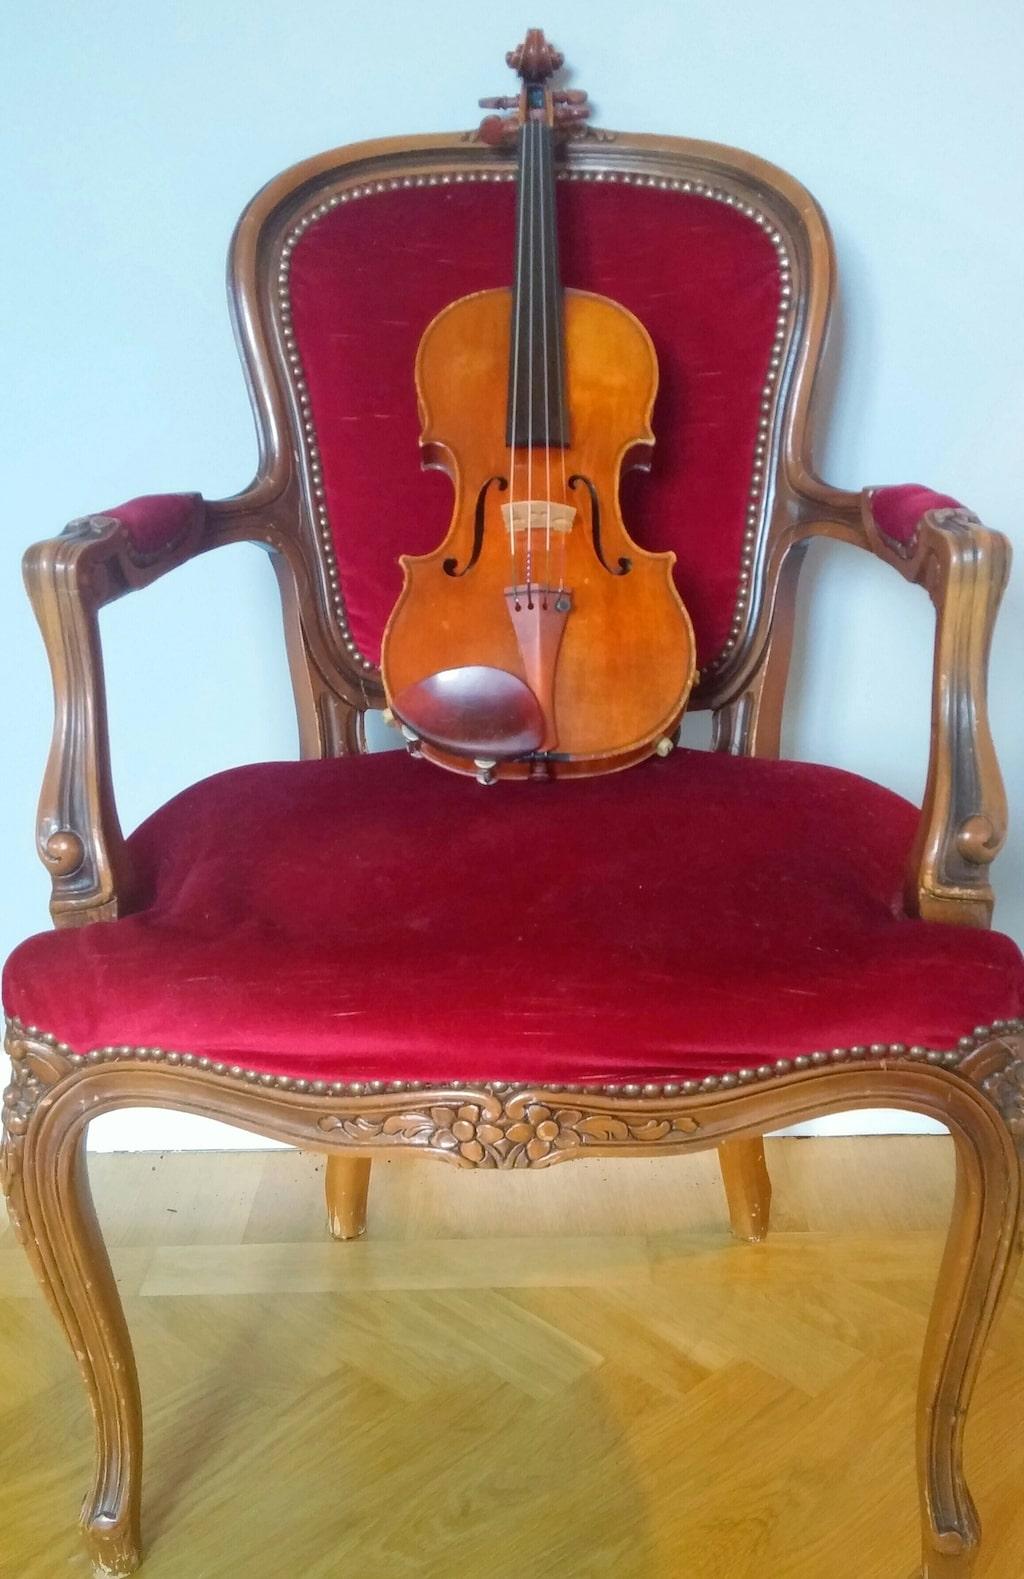 Linda har tidigare berättat för LEVA&BO om att hon gärna blandar gammalt och nytt när hon inreder. Den röda sammetsstolen är köpt på auktion på nätet. Violinen är en italiensk Gaglino, byggd 1781 och köpt i London 1999.